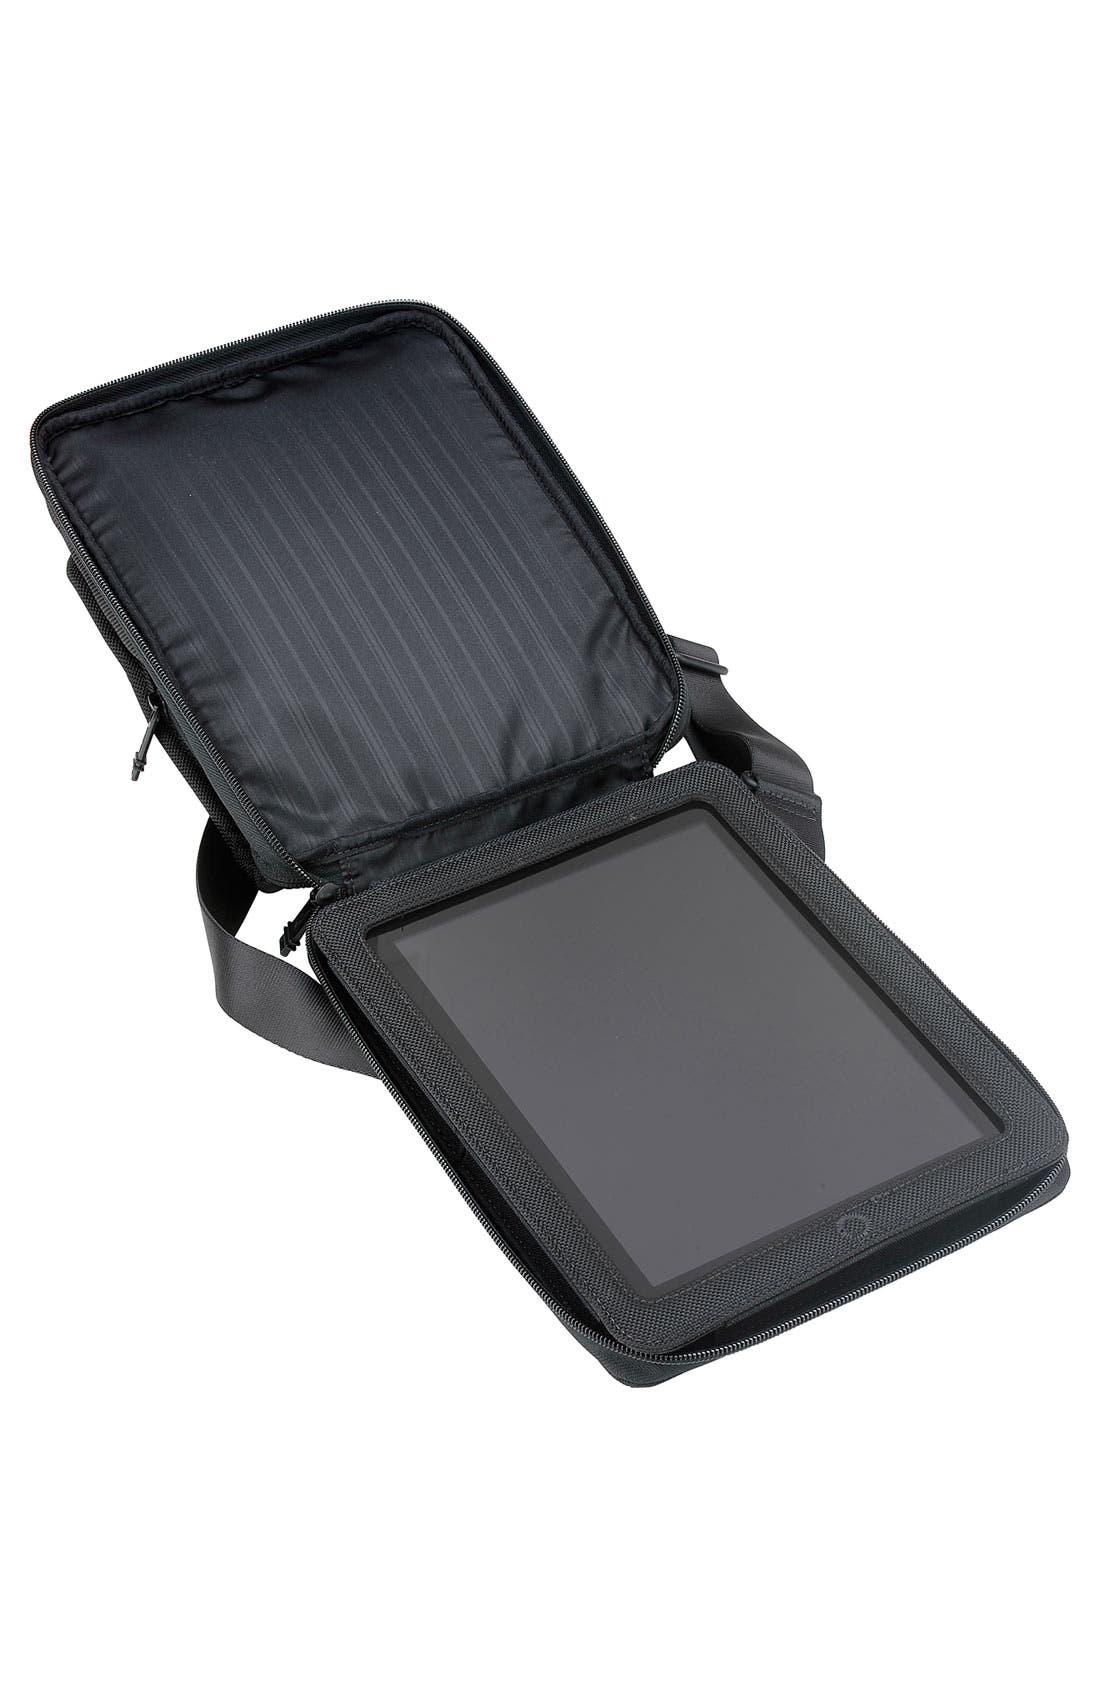 Alternate Image 2  - Tumi 'Alpha' iPad Messsenger Bag